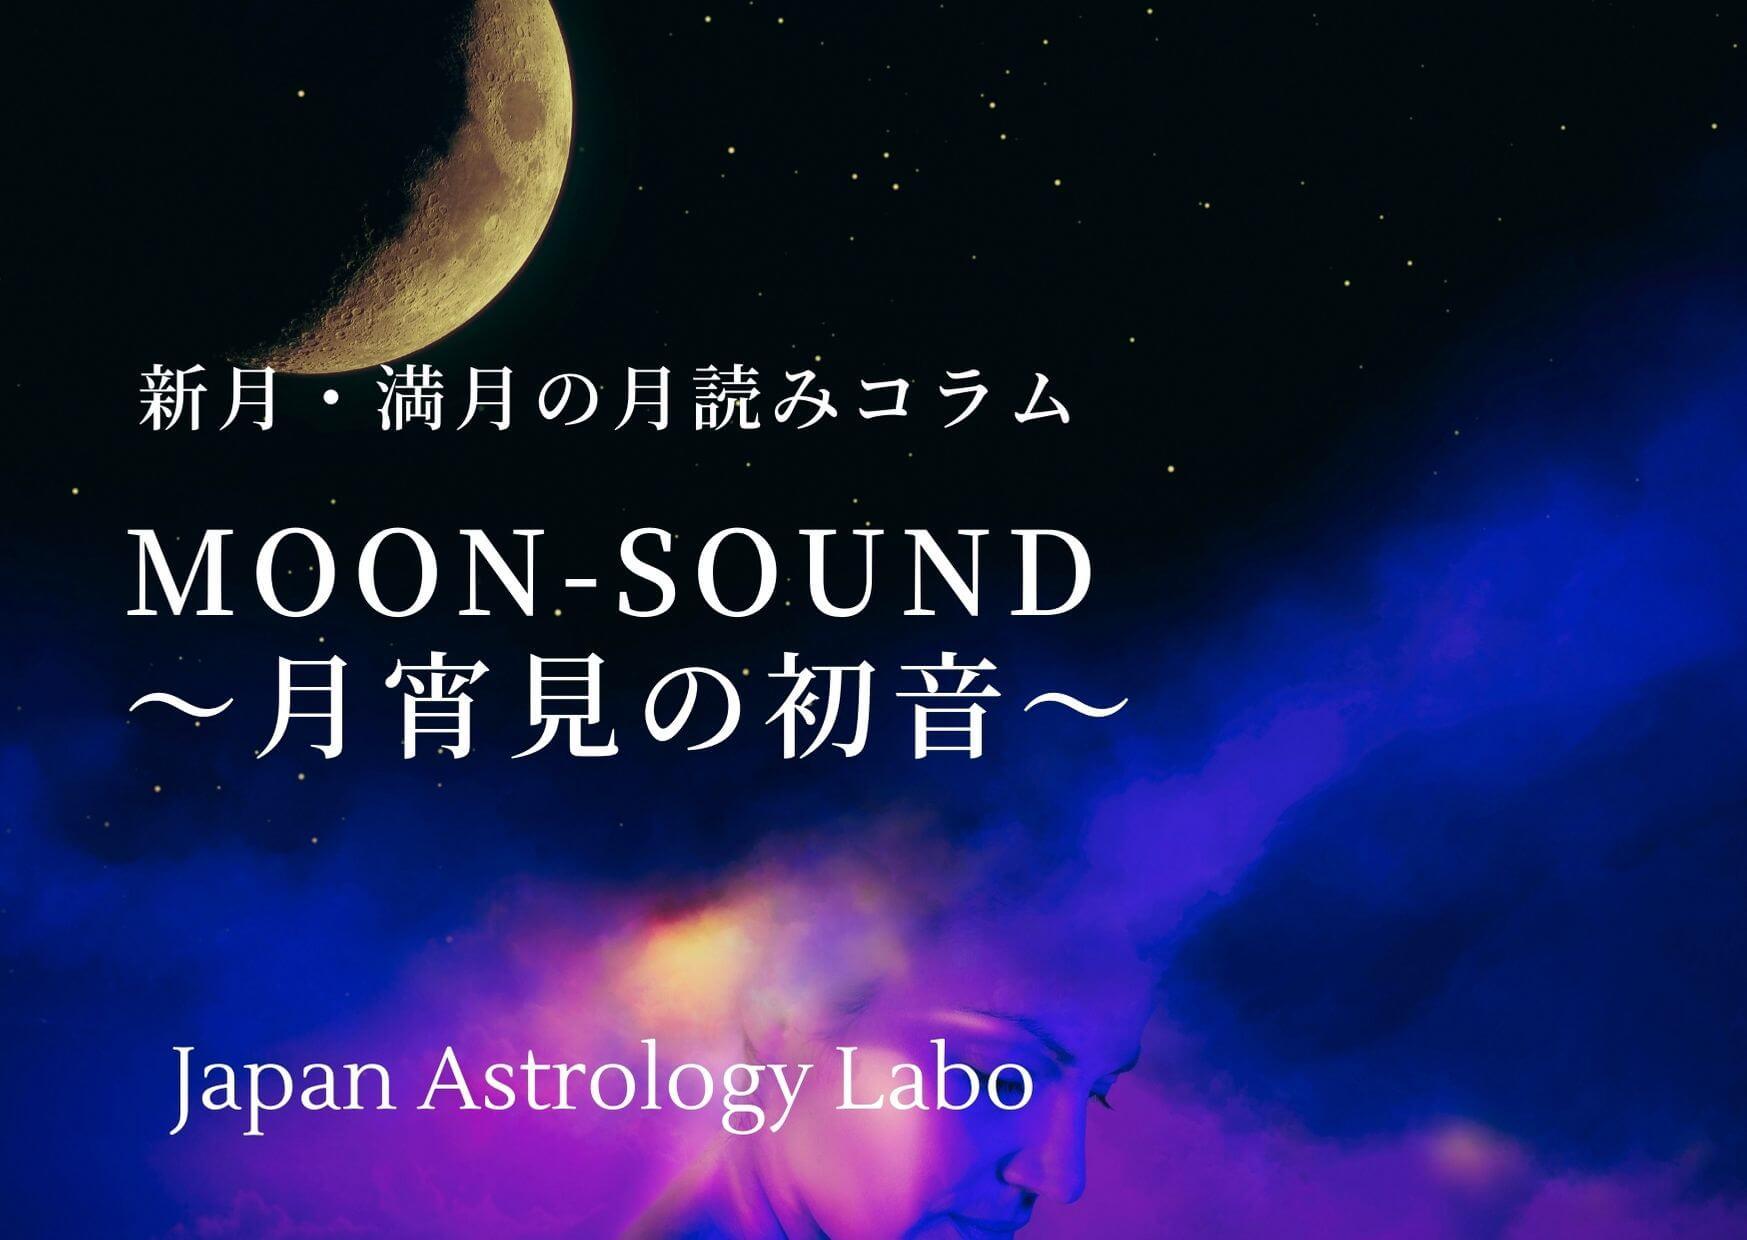 新月満月の月読みコラム月宵見の初音